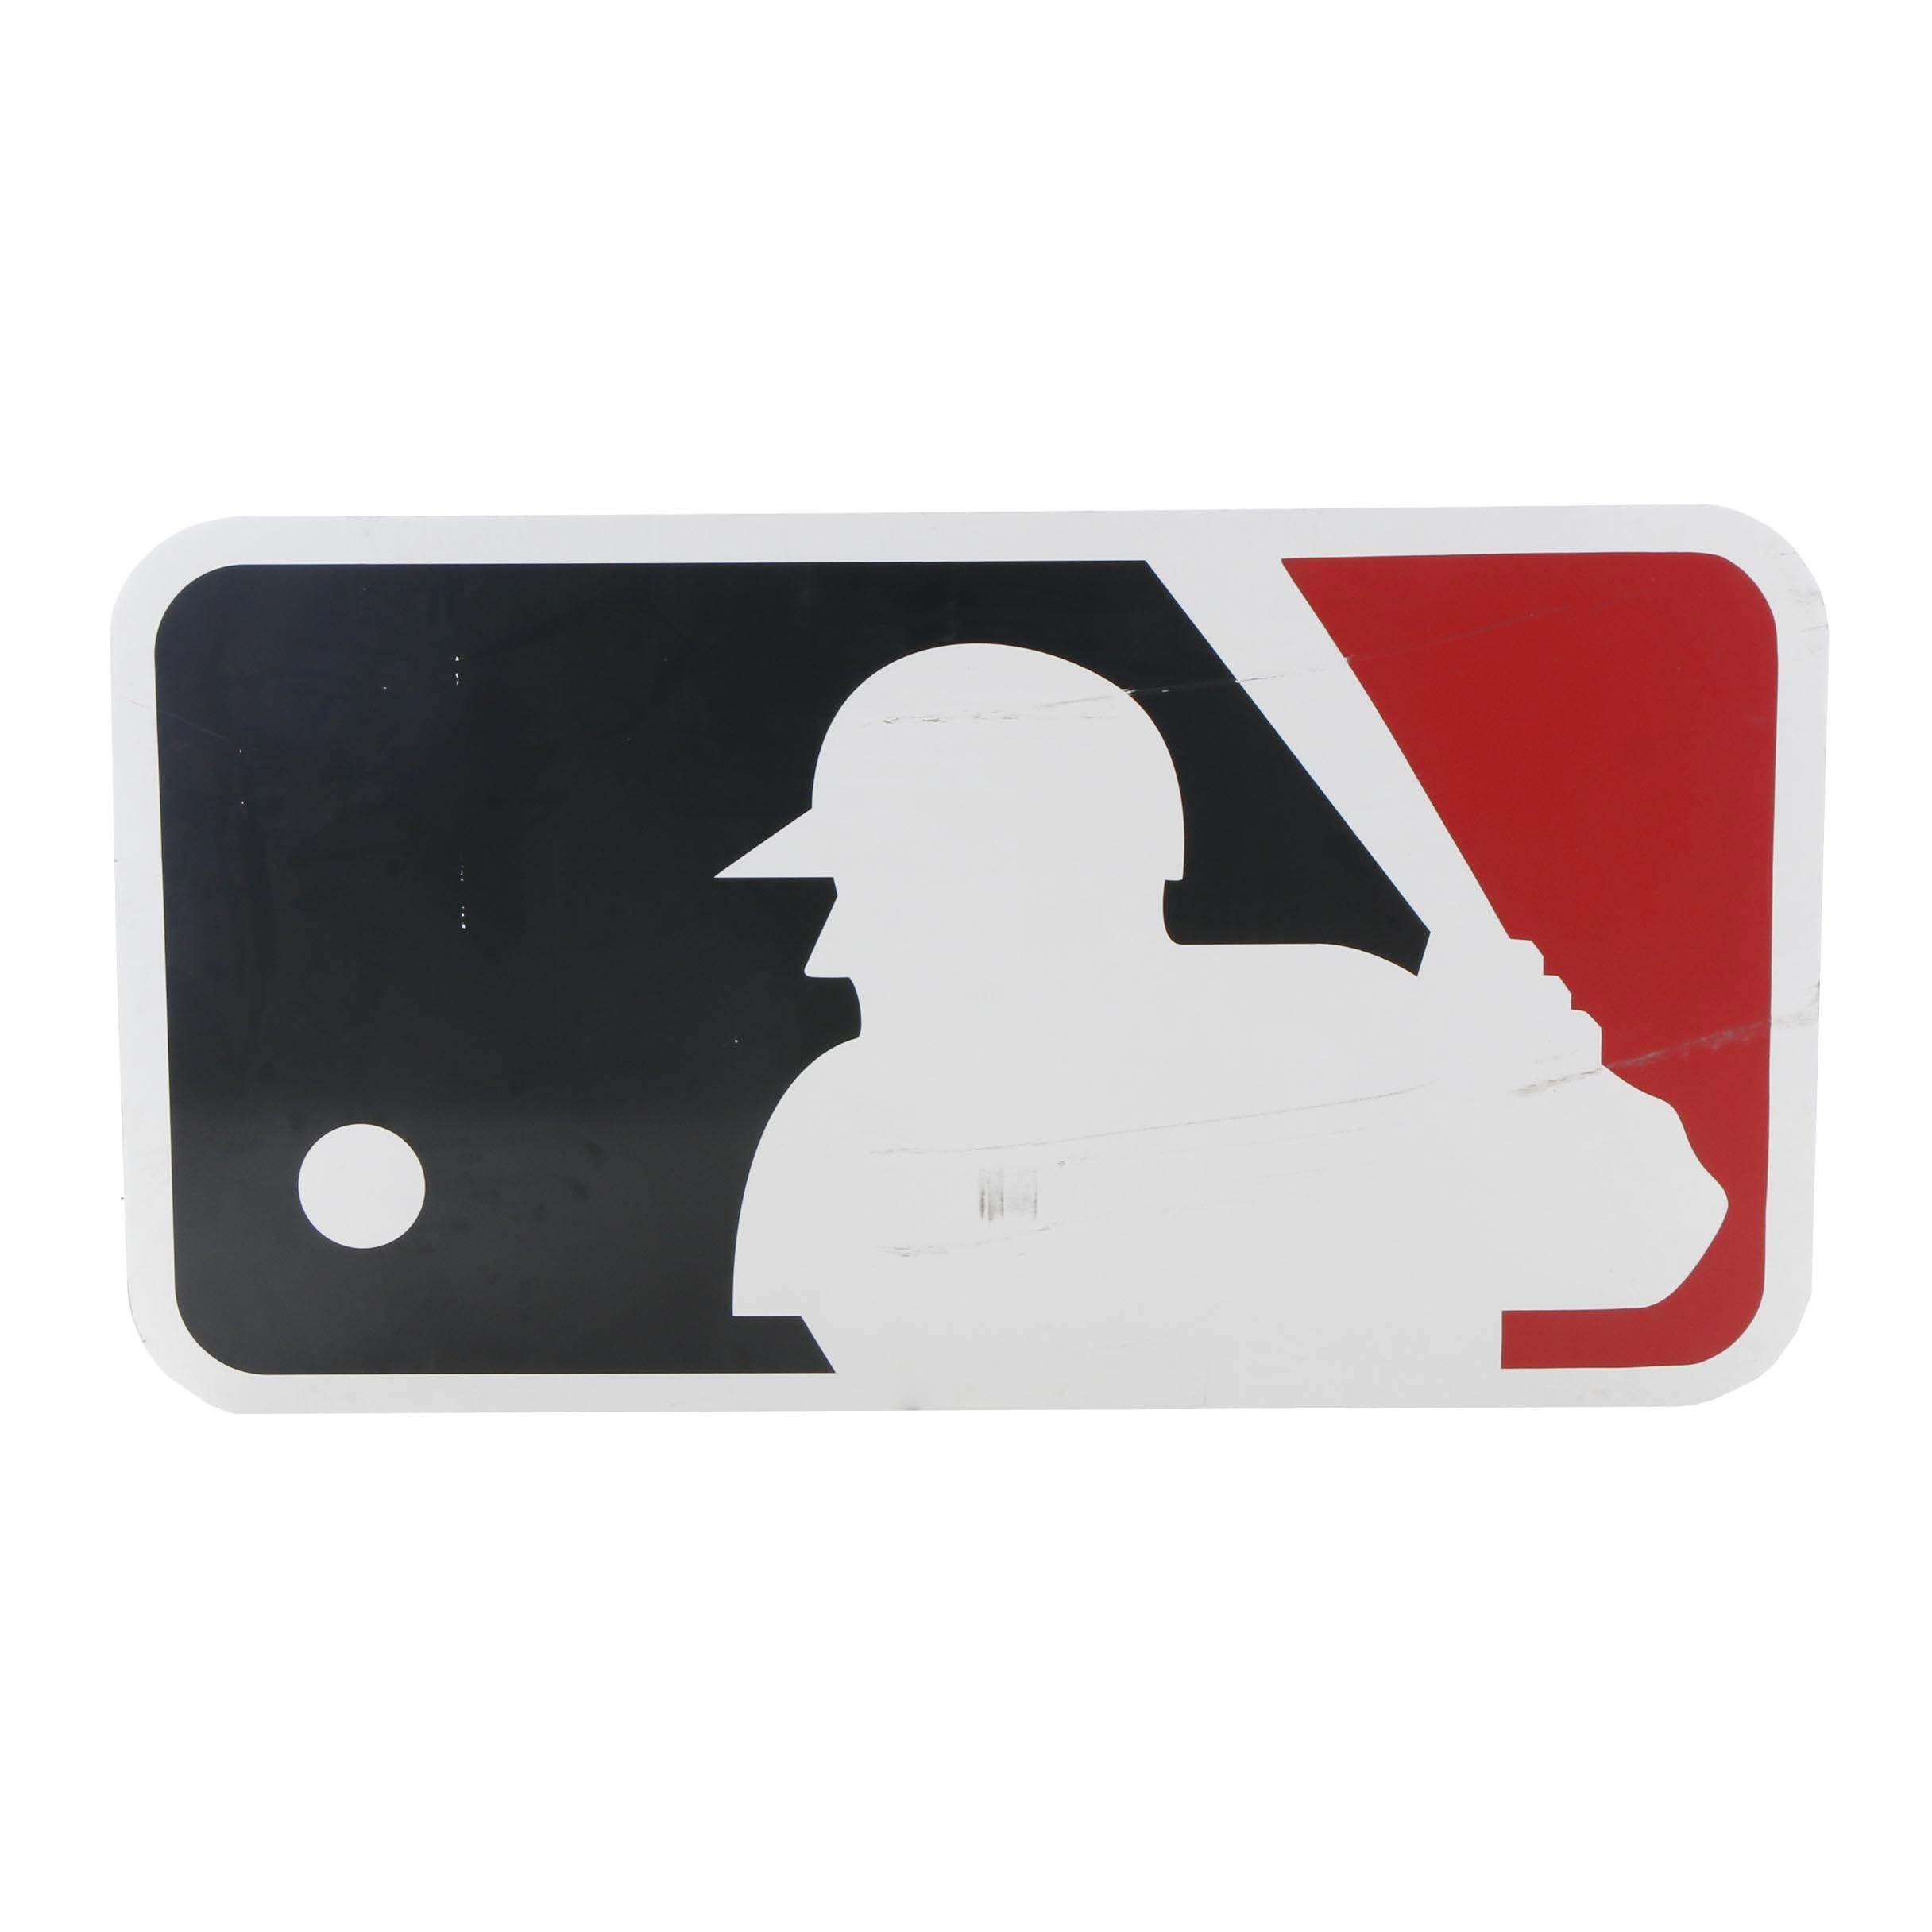 Large Major League Baseball Logo Sign